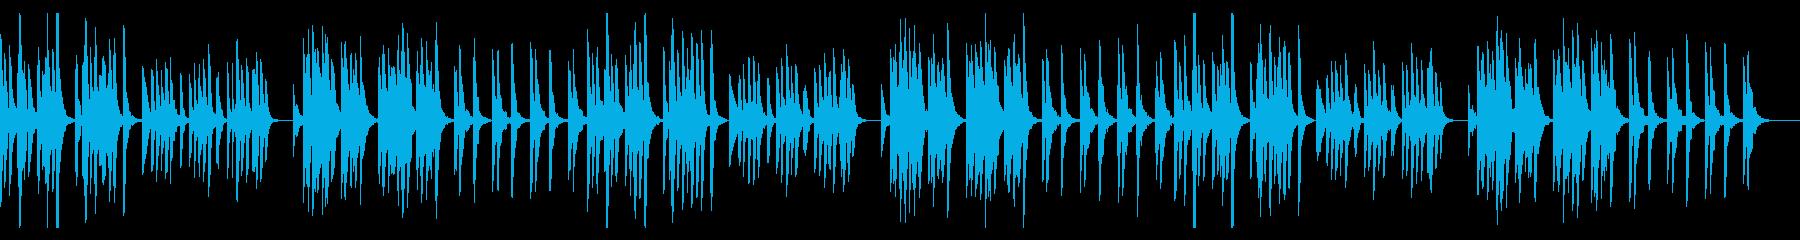 ダークでコミカルでシンプル、すこしかわいの再生済みの波形